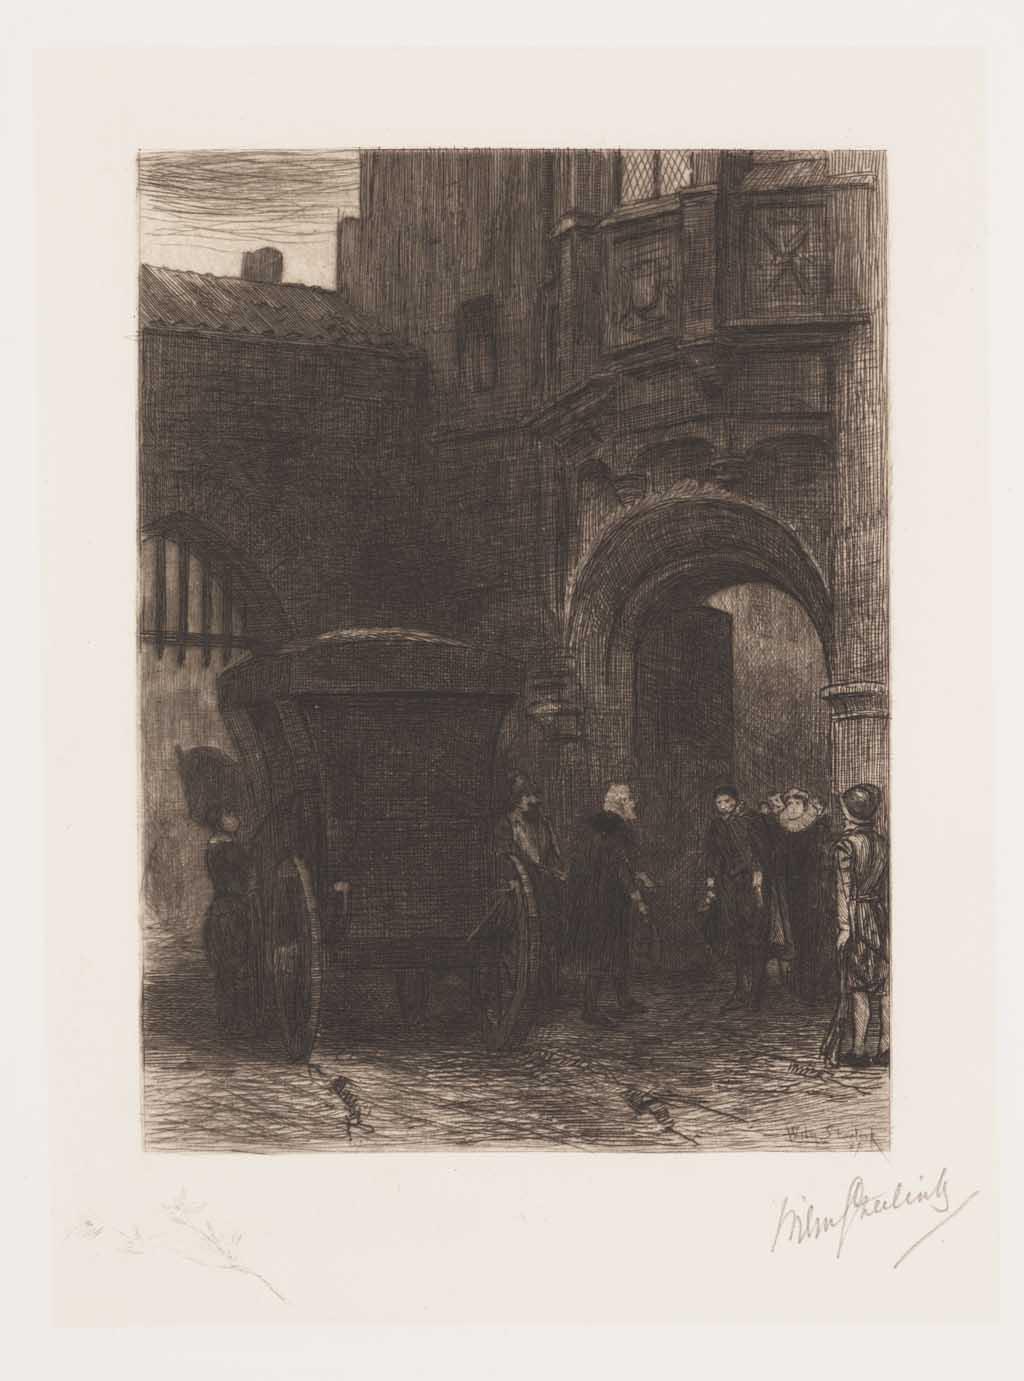 De Distel, etsen van Nederlandsche schilders, editie 1887 (afl. 8: De onverwachte gast)